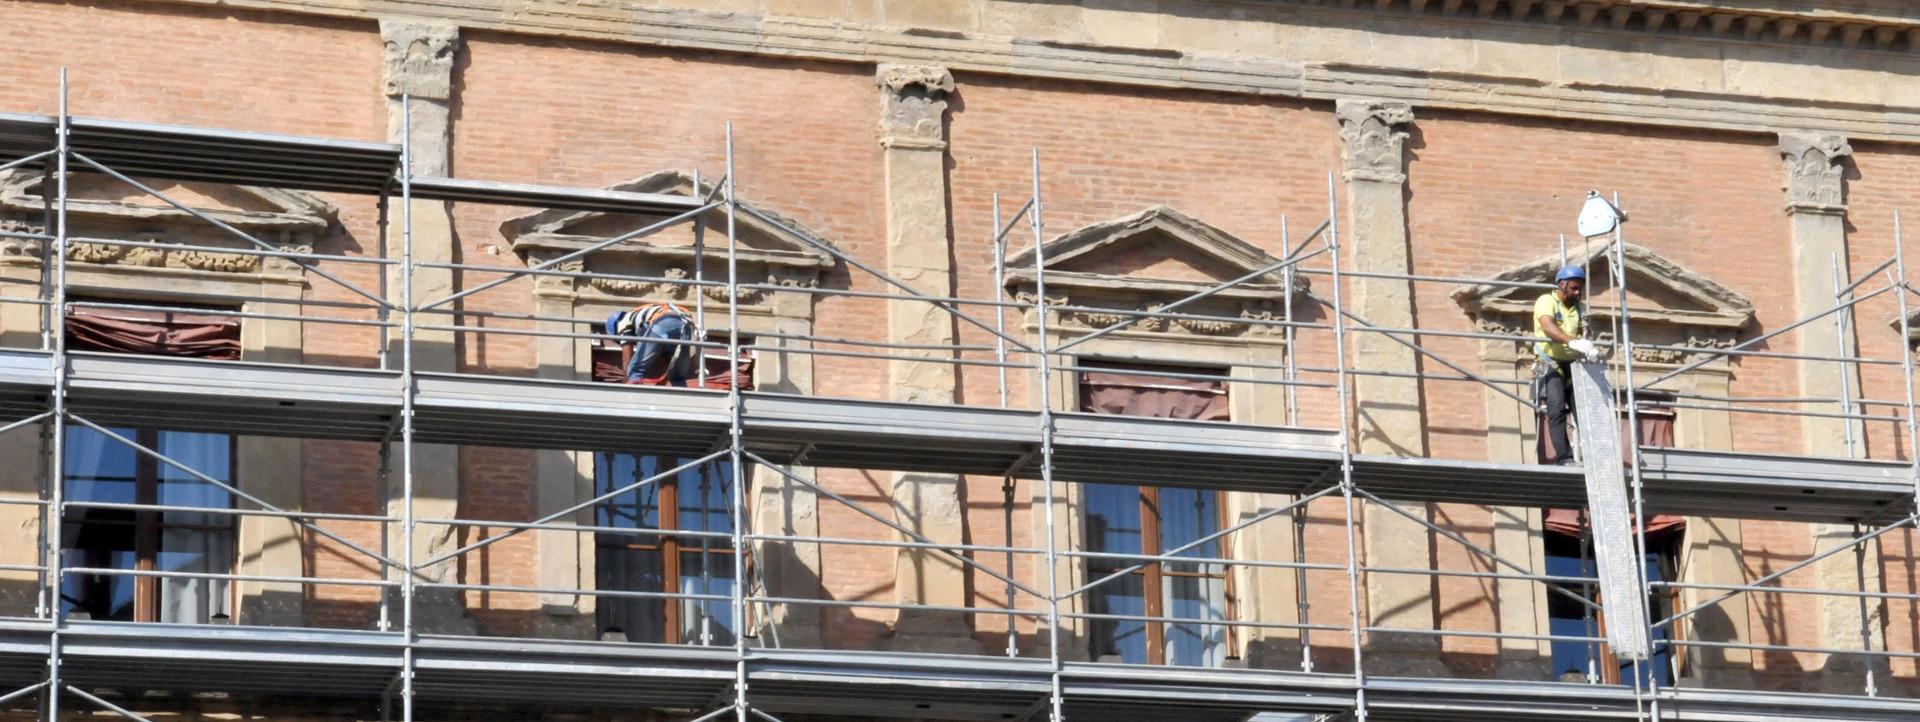 Lavori di restauro a palazzo Malvezzi - Archivio Città metropolitana di Bologna